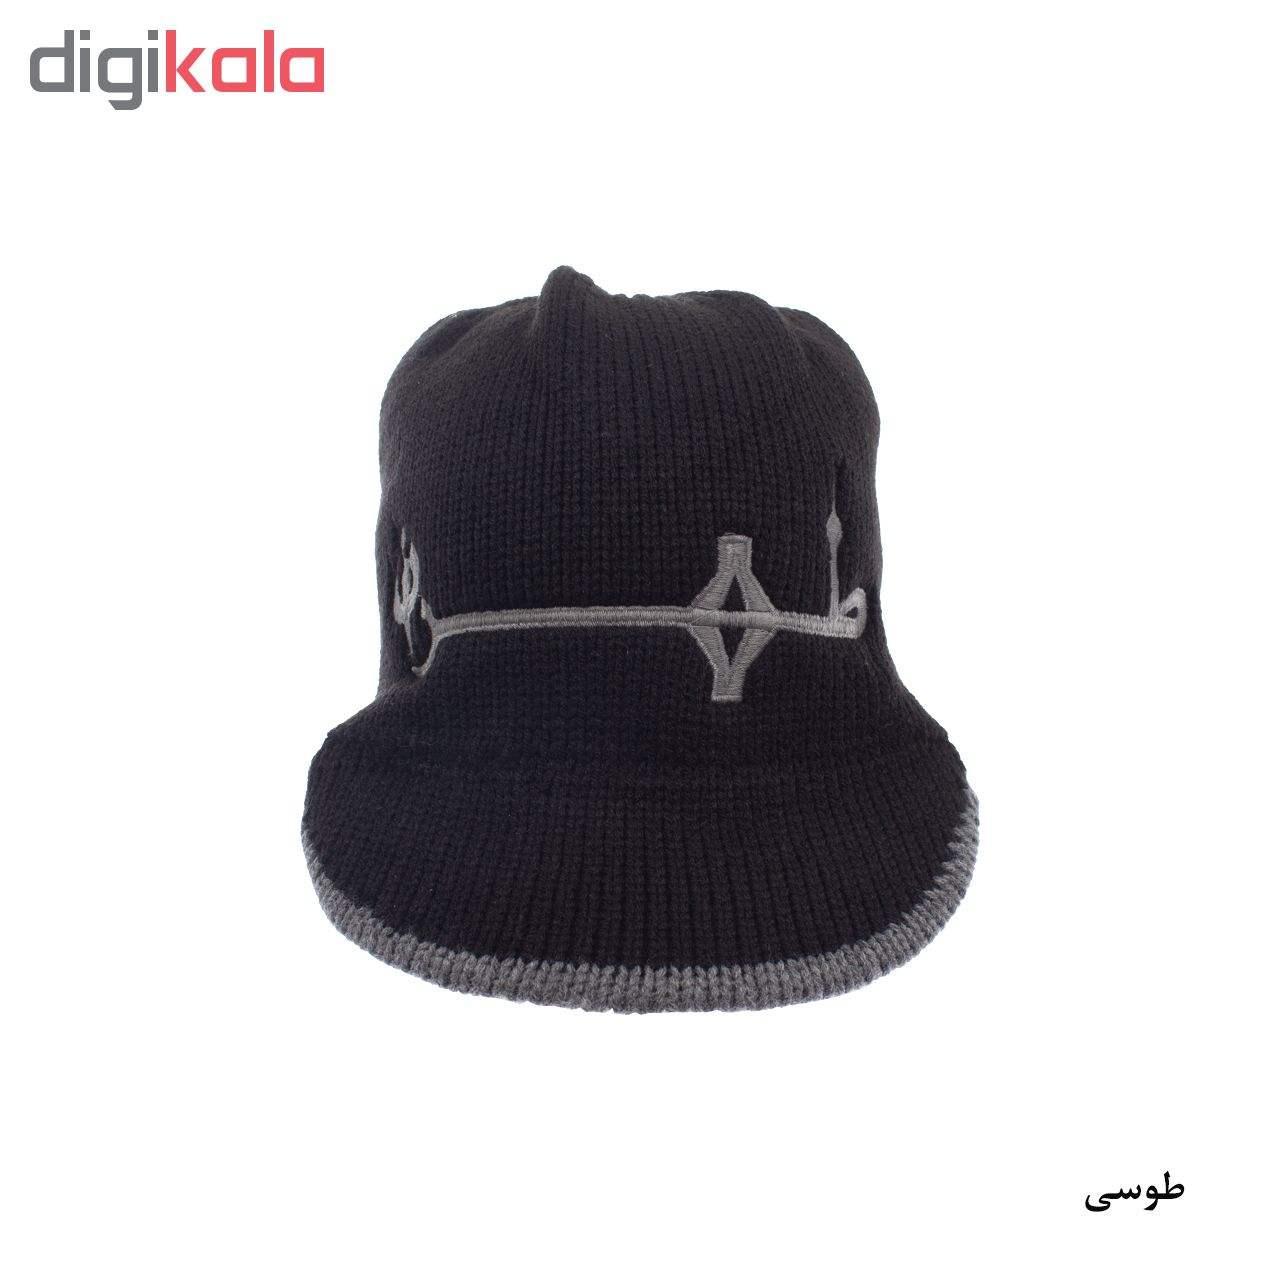 کلاه تارتن مدل 0483 main 1 5